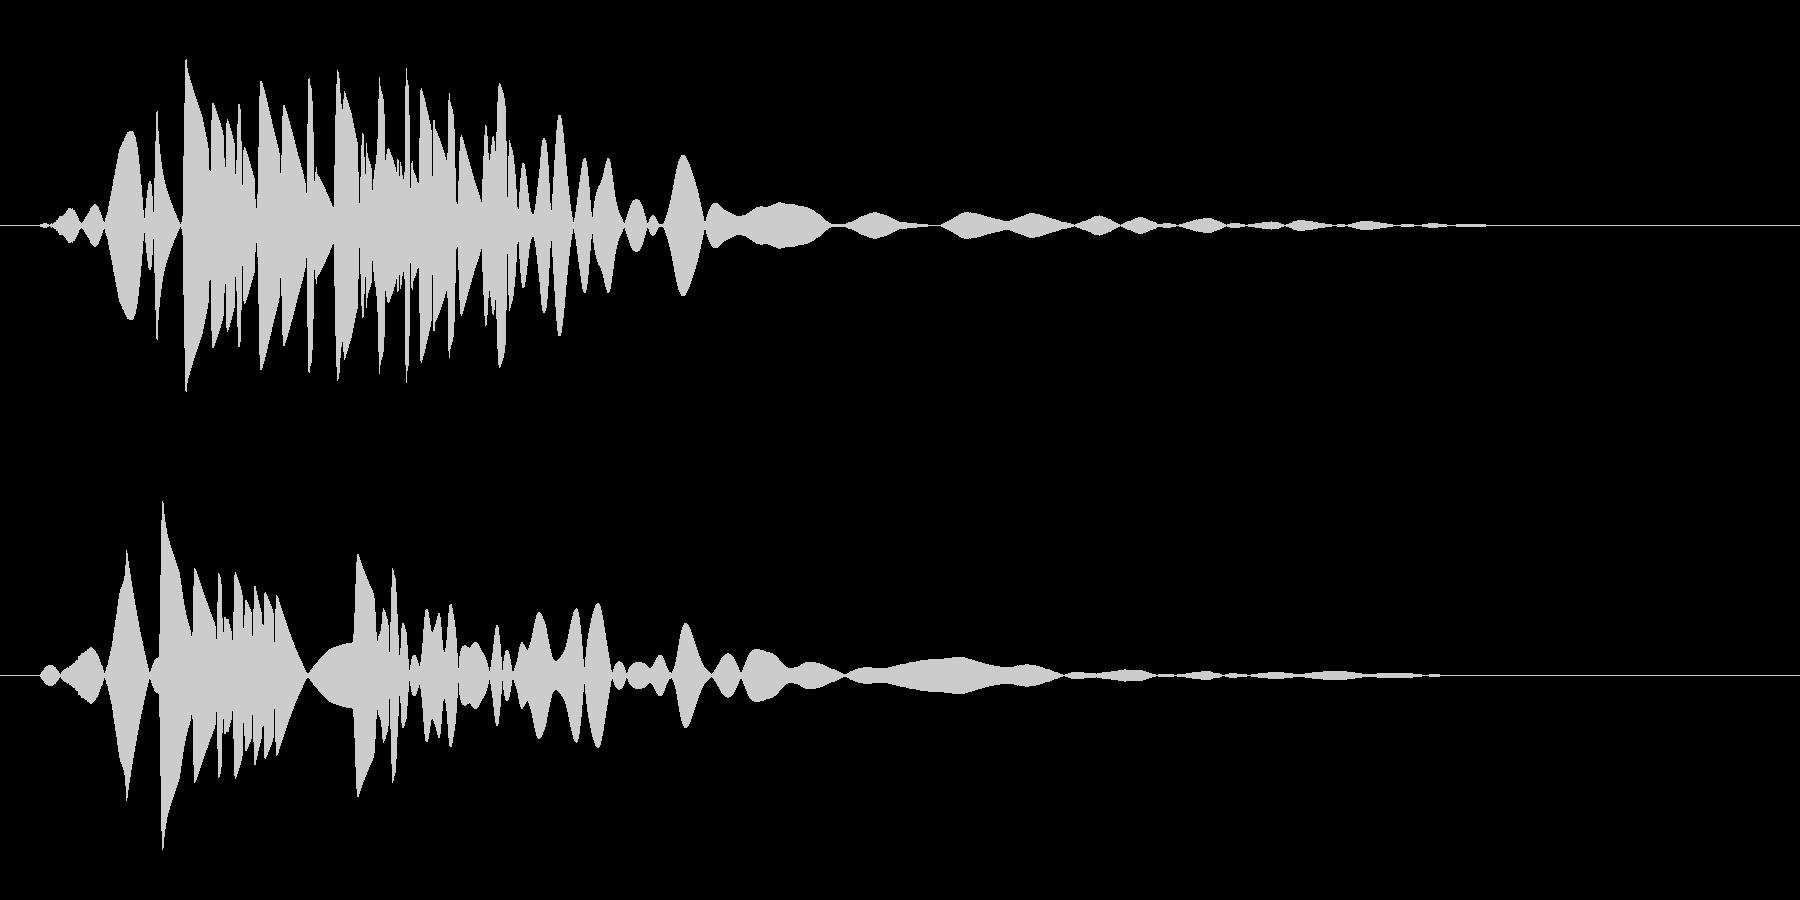 ボッという短い蒸気の音の未再生の波形